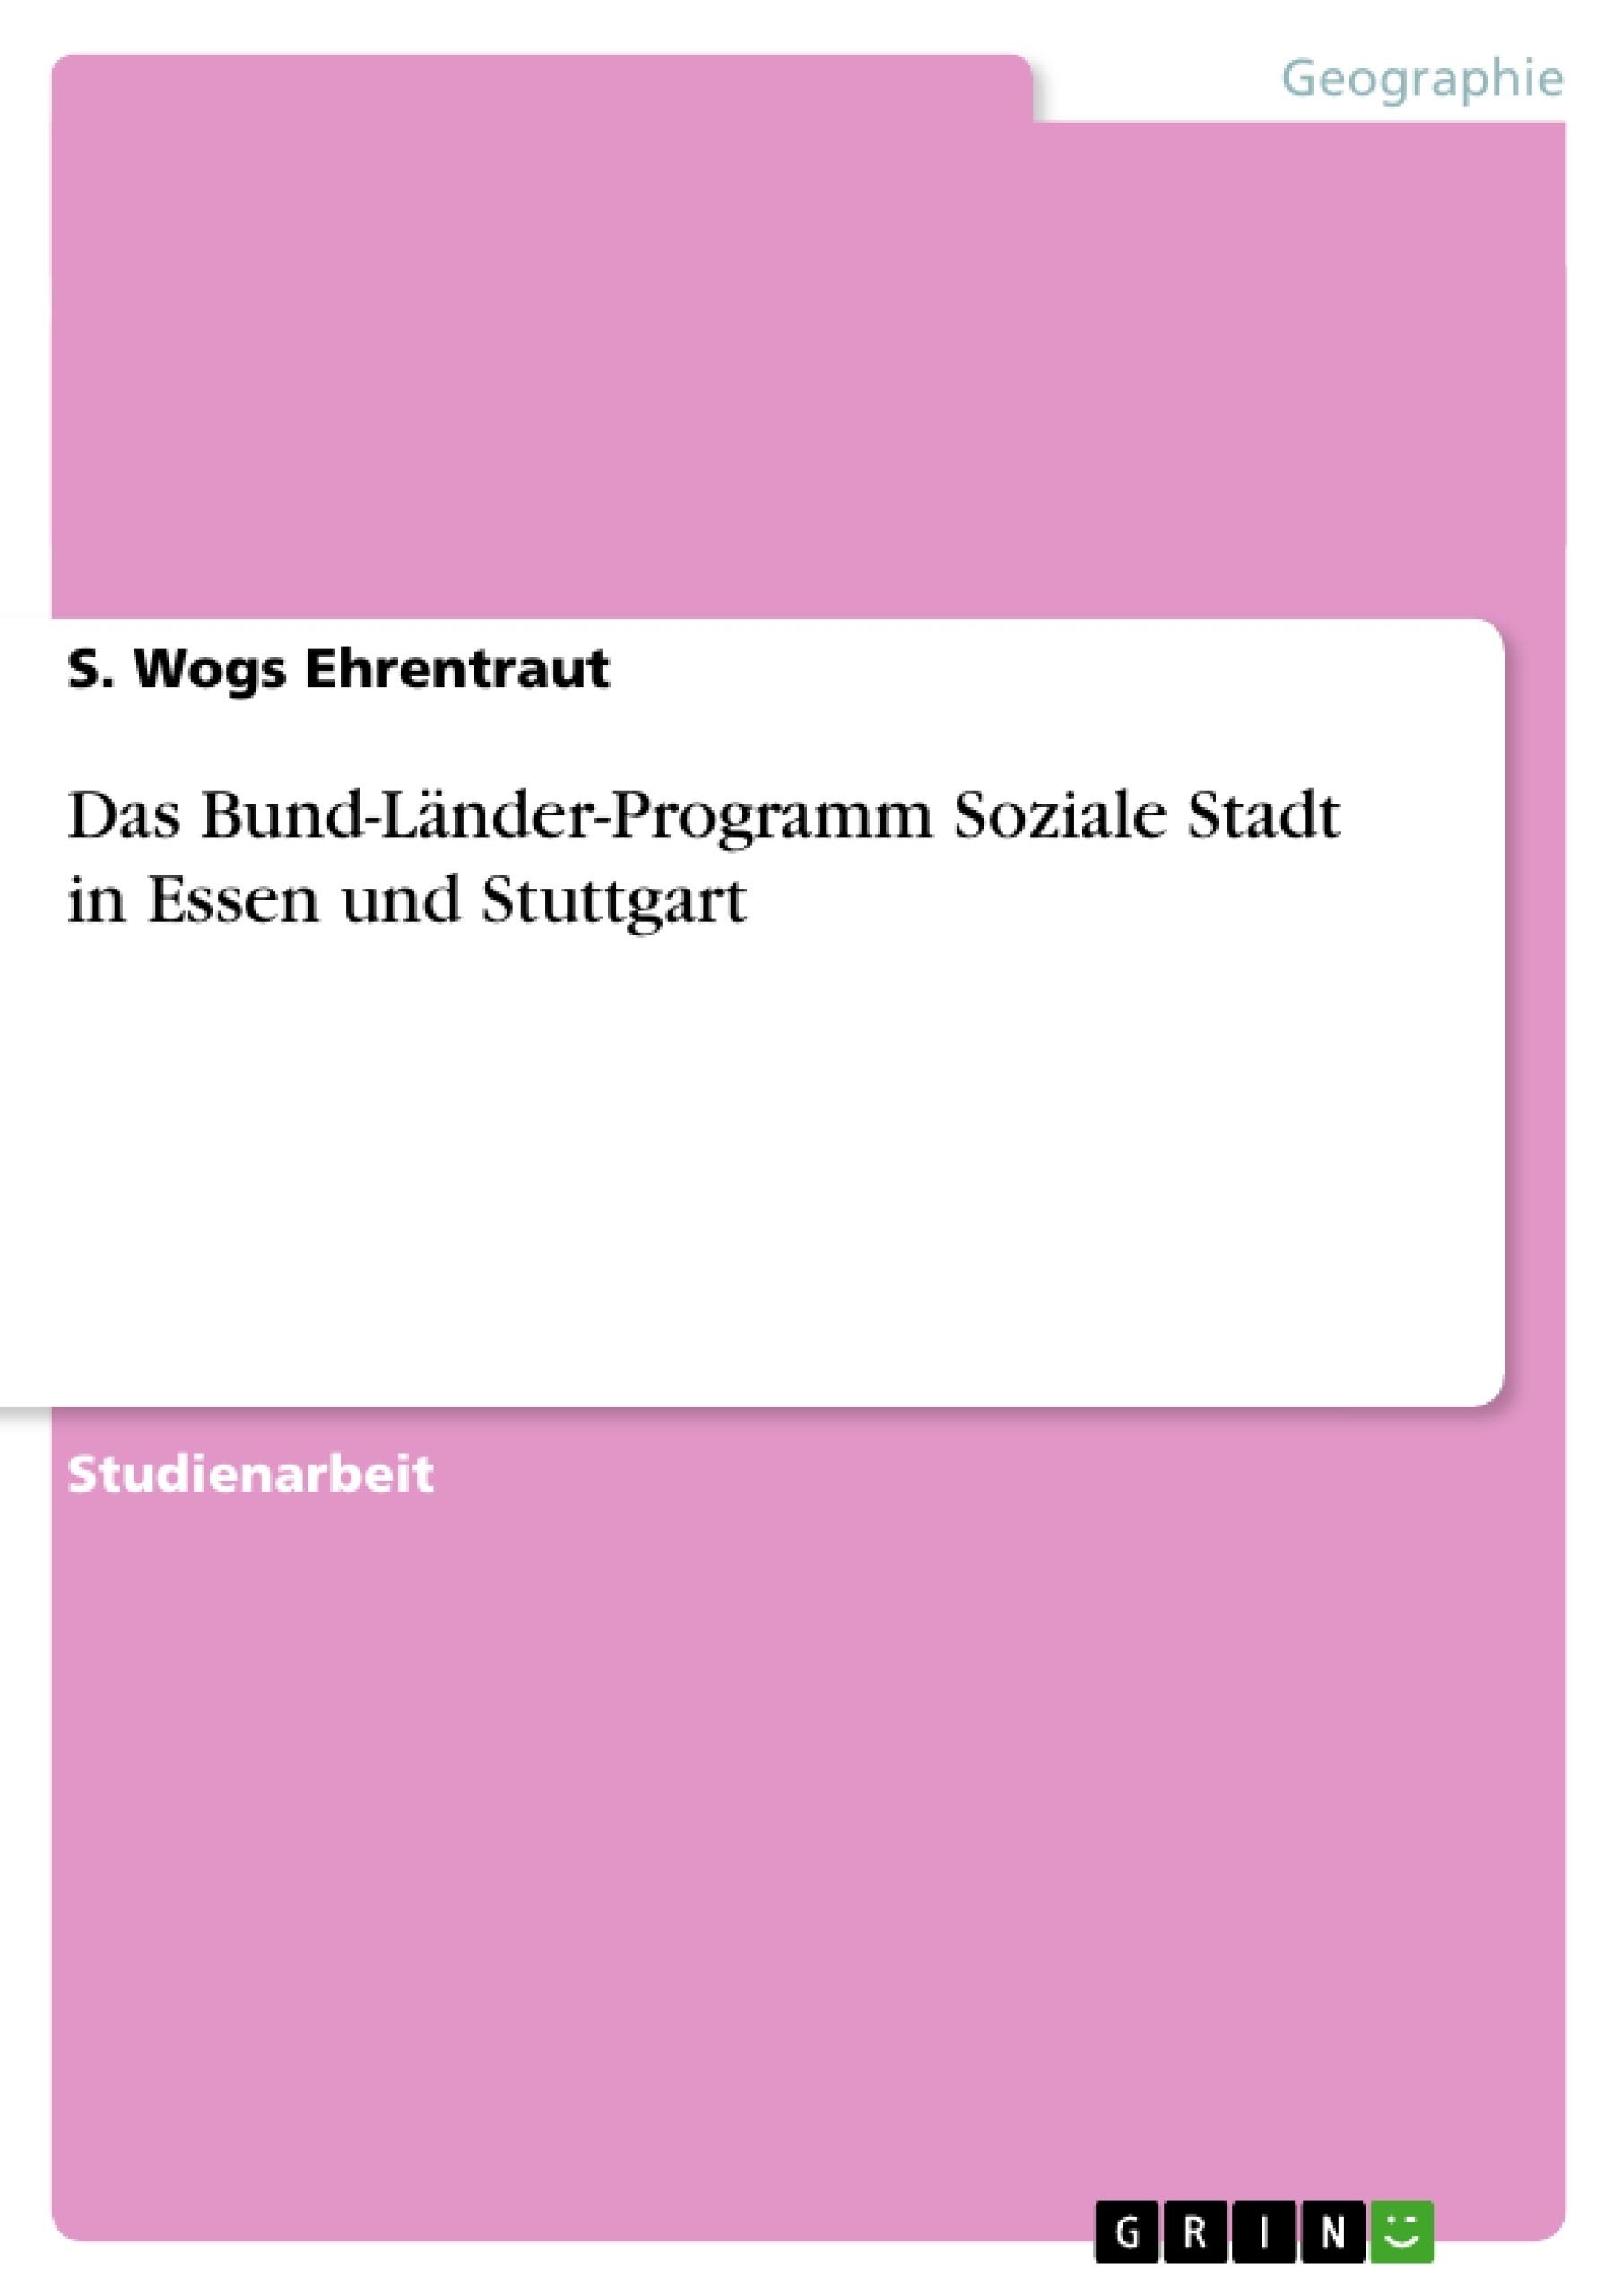 Titel: Das Bund-Länder-Programm Soziale Stadt in Essen und Stuttgart